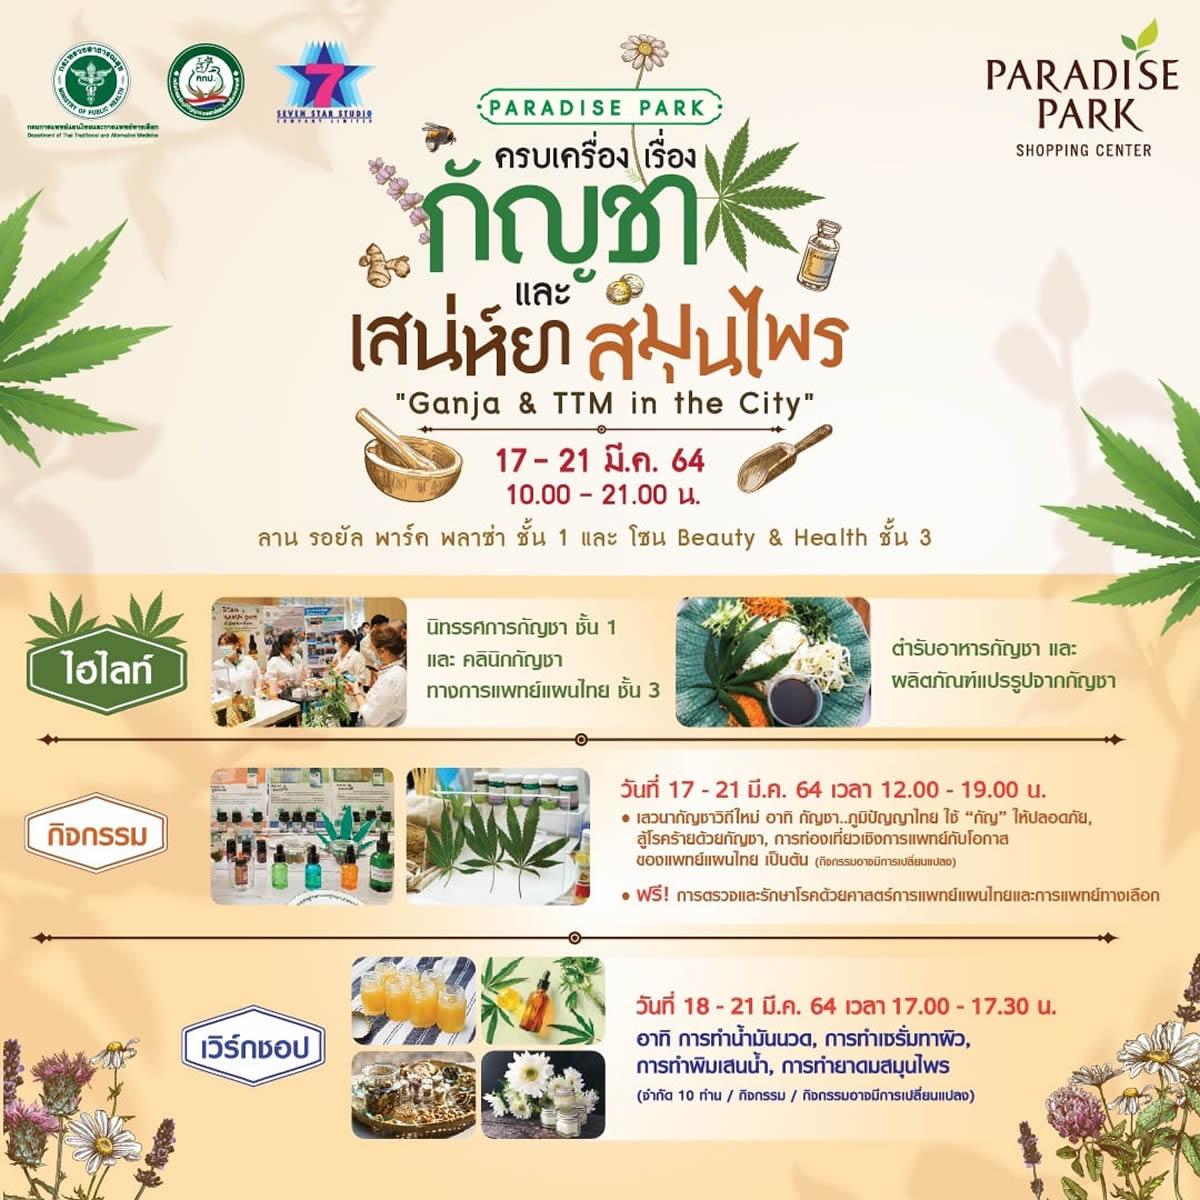 バンコク・パラダイスパークで大麻イベント「ガンジャ & TTM インザシティ」開催